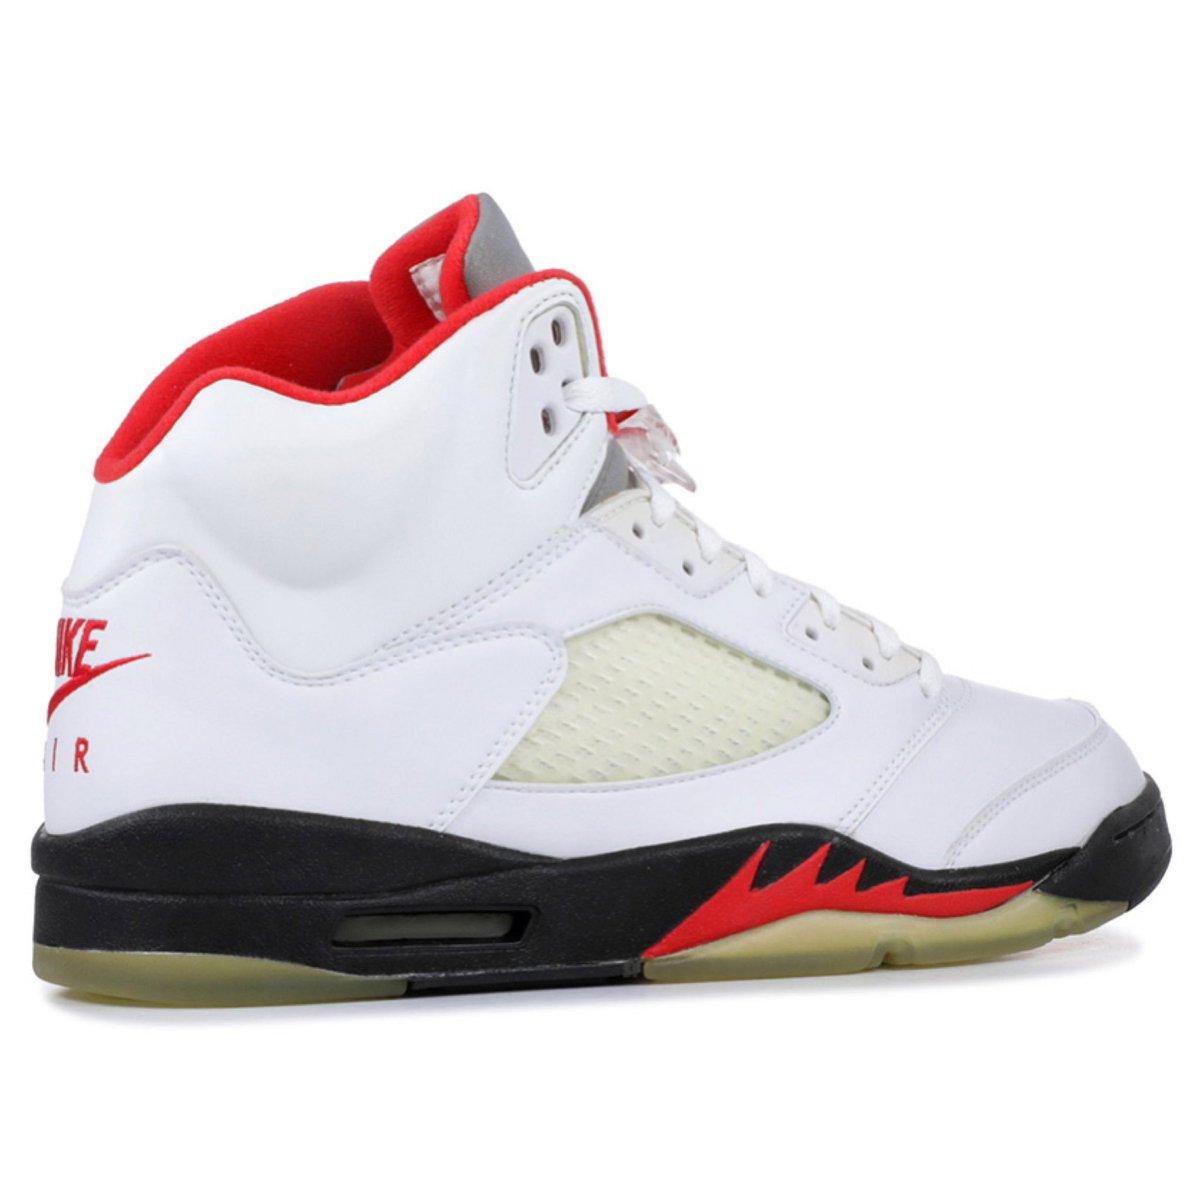 reputable site 7c1cc d6fb5 2020 Air Jordan Retro 5 #FireRed #NIKEAIR True White/Fire ...